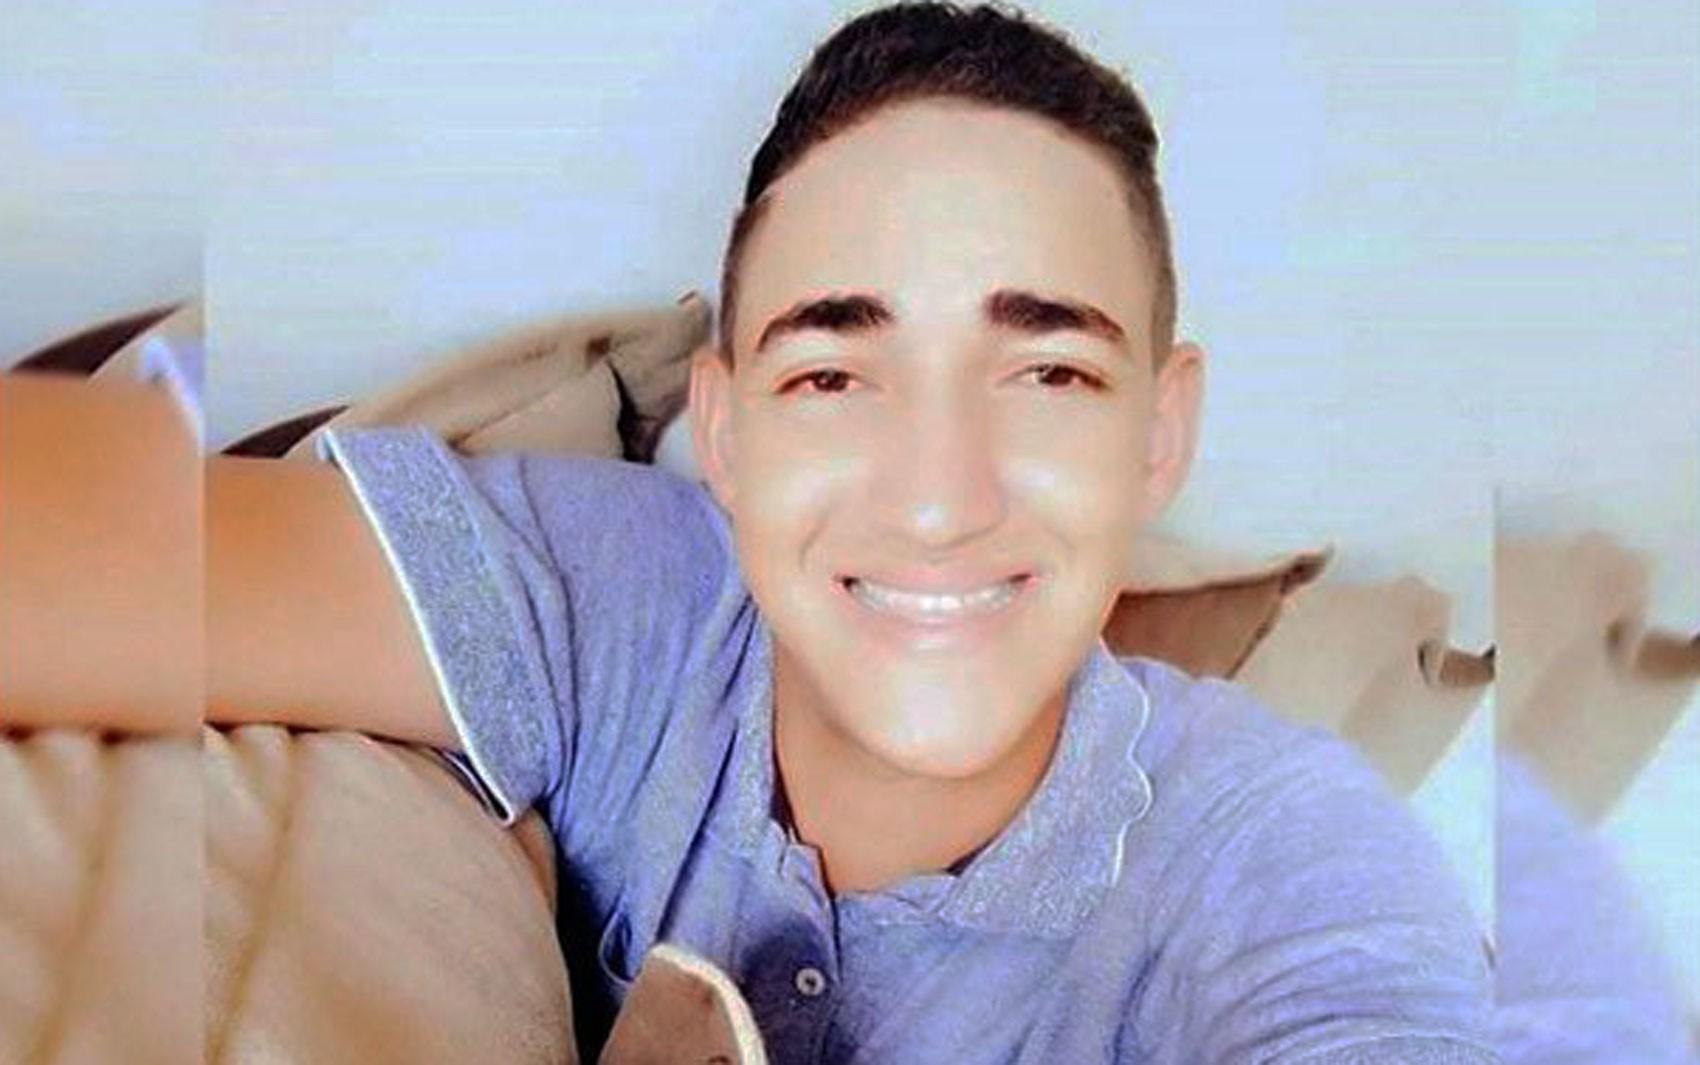 Corpo de jovem morto em caso de homofobia na Bahia é liberado dois meses após crime